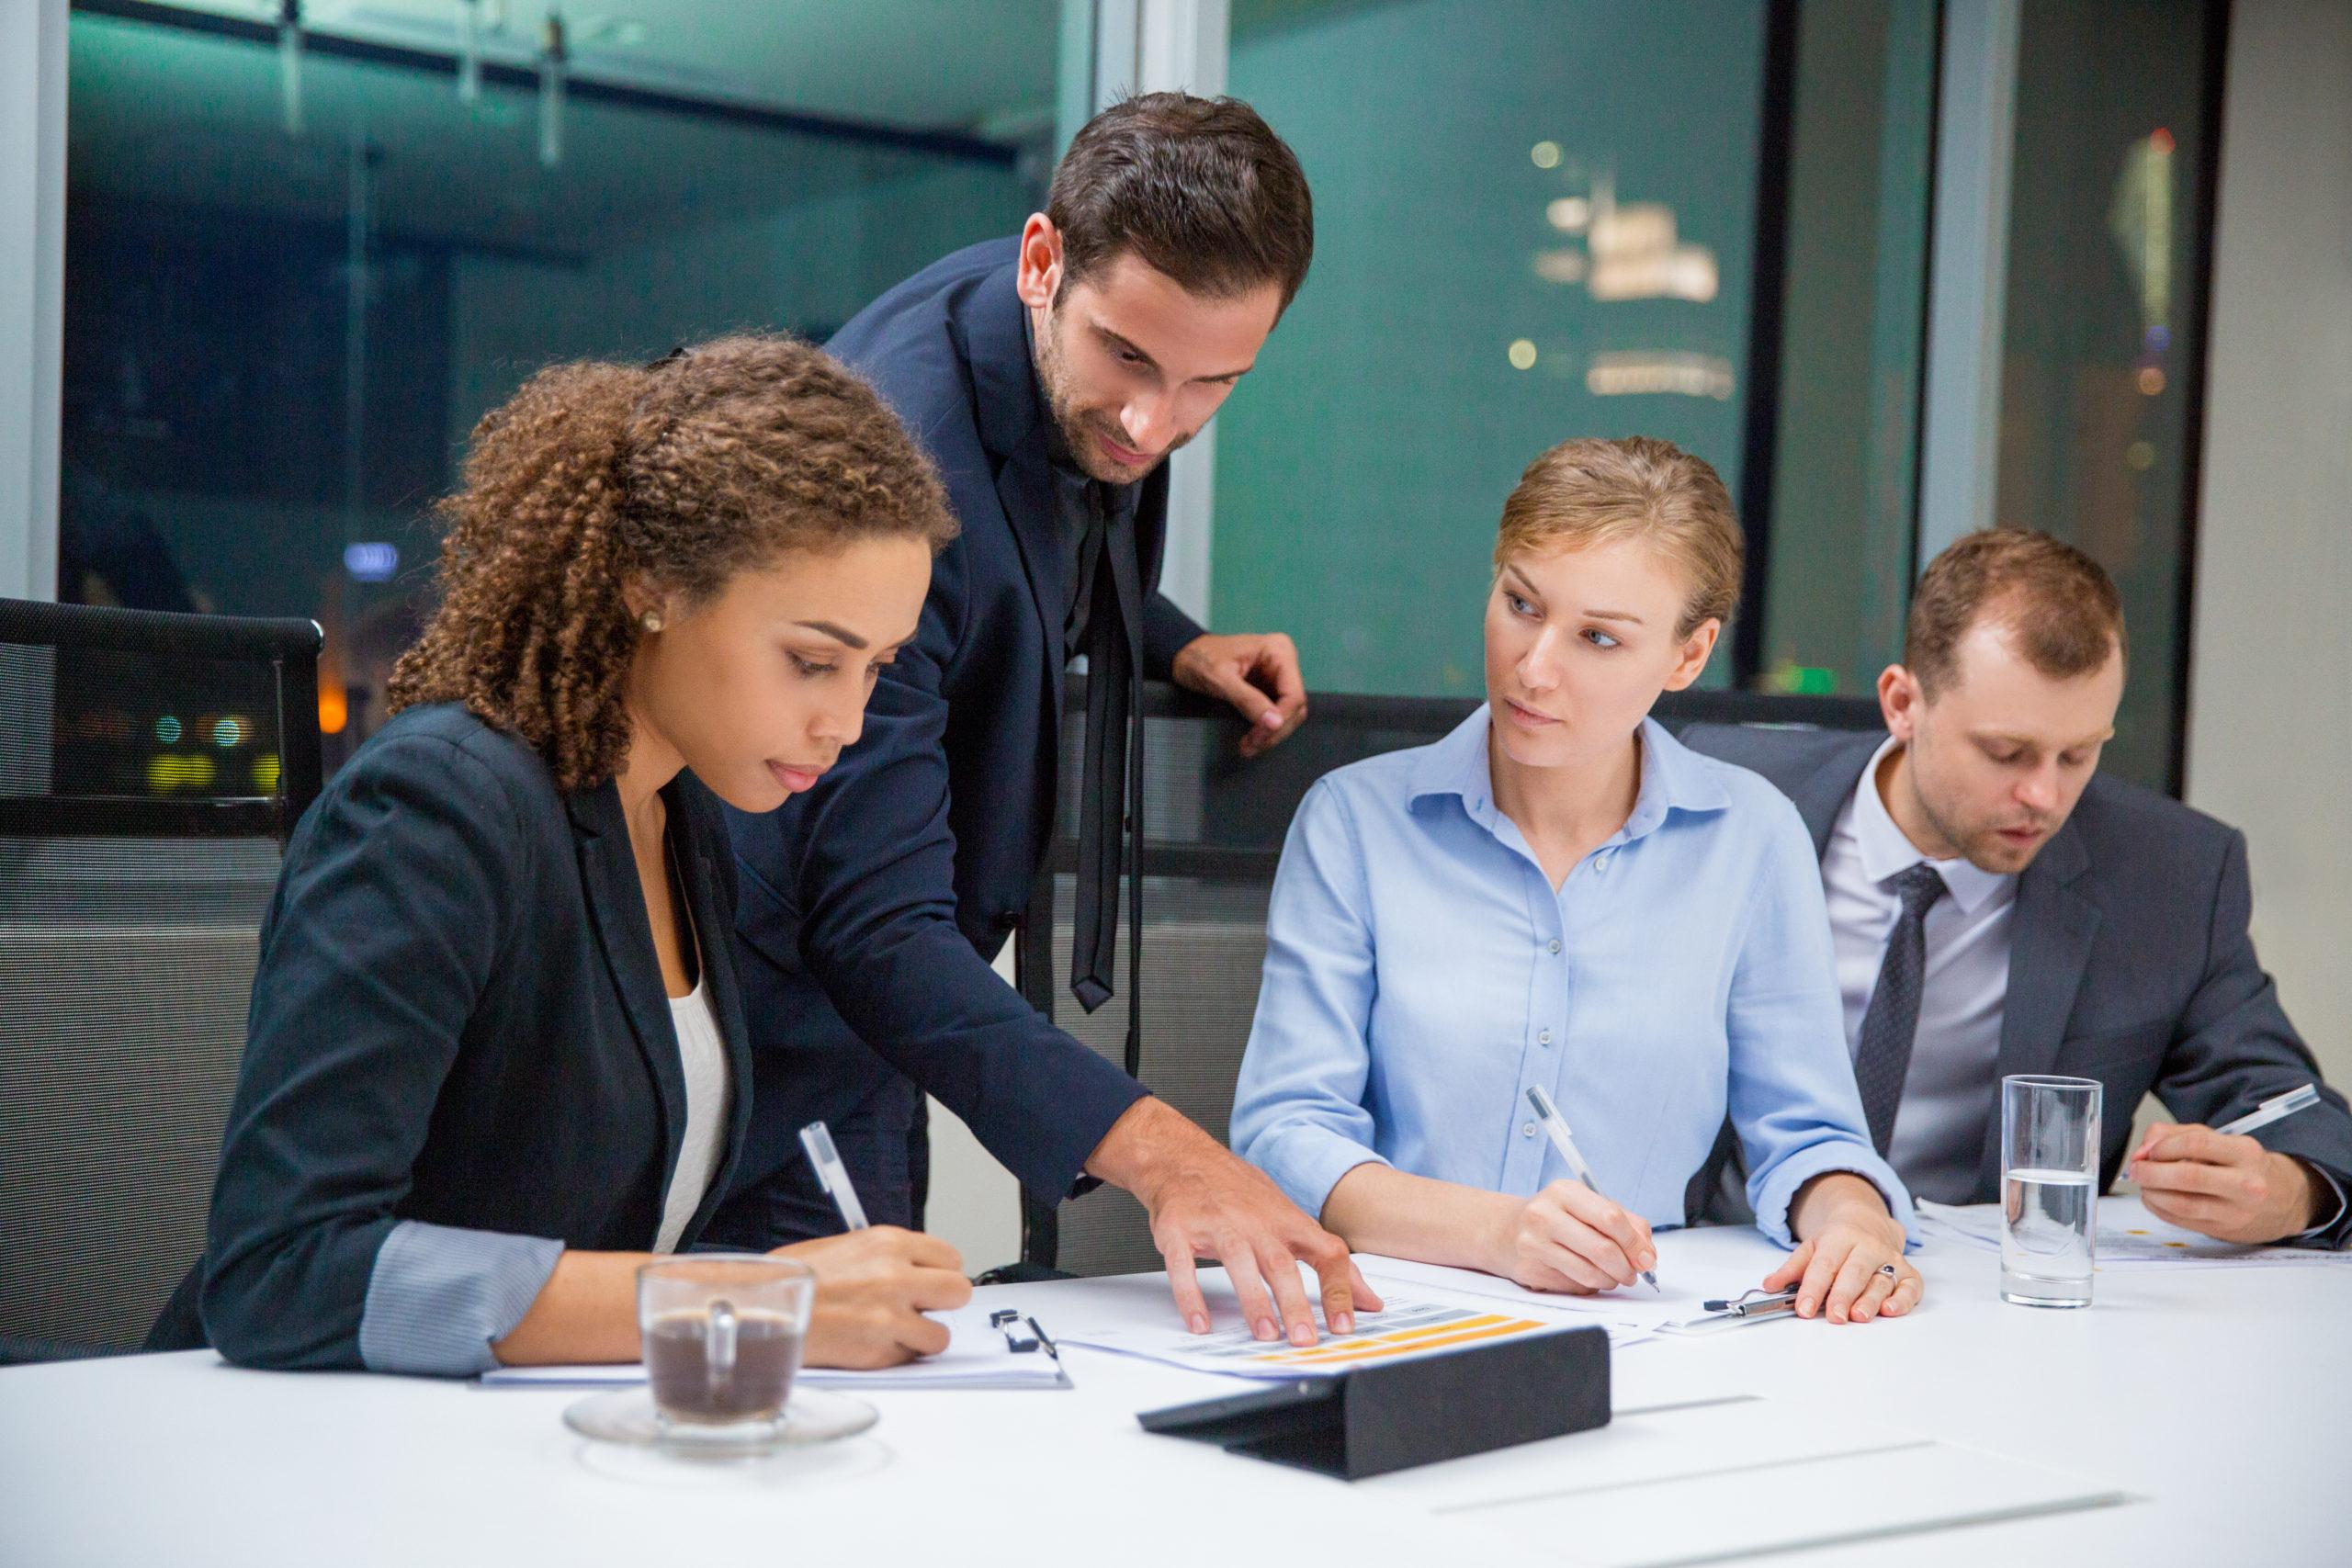 5 étapes pour devenir un manager agile